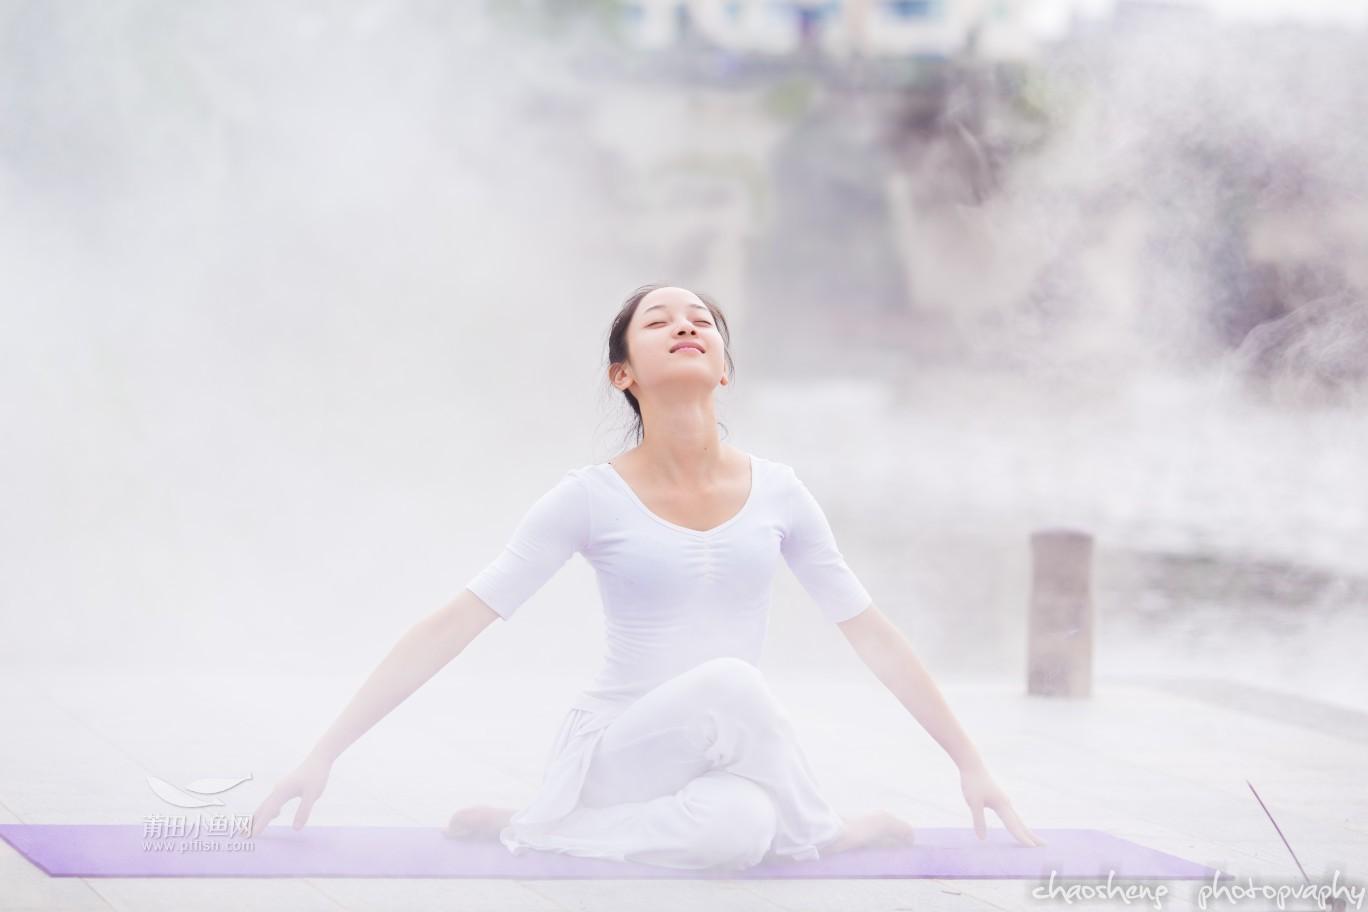 梵我合一 是一种境界 绶溪公园瑜伽篇图片